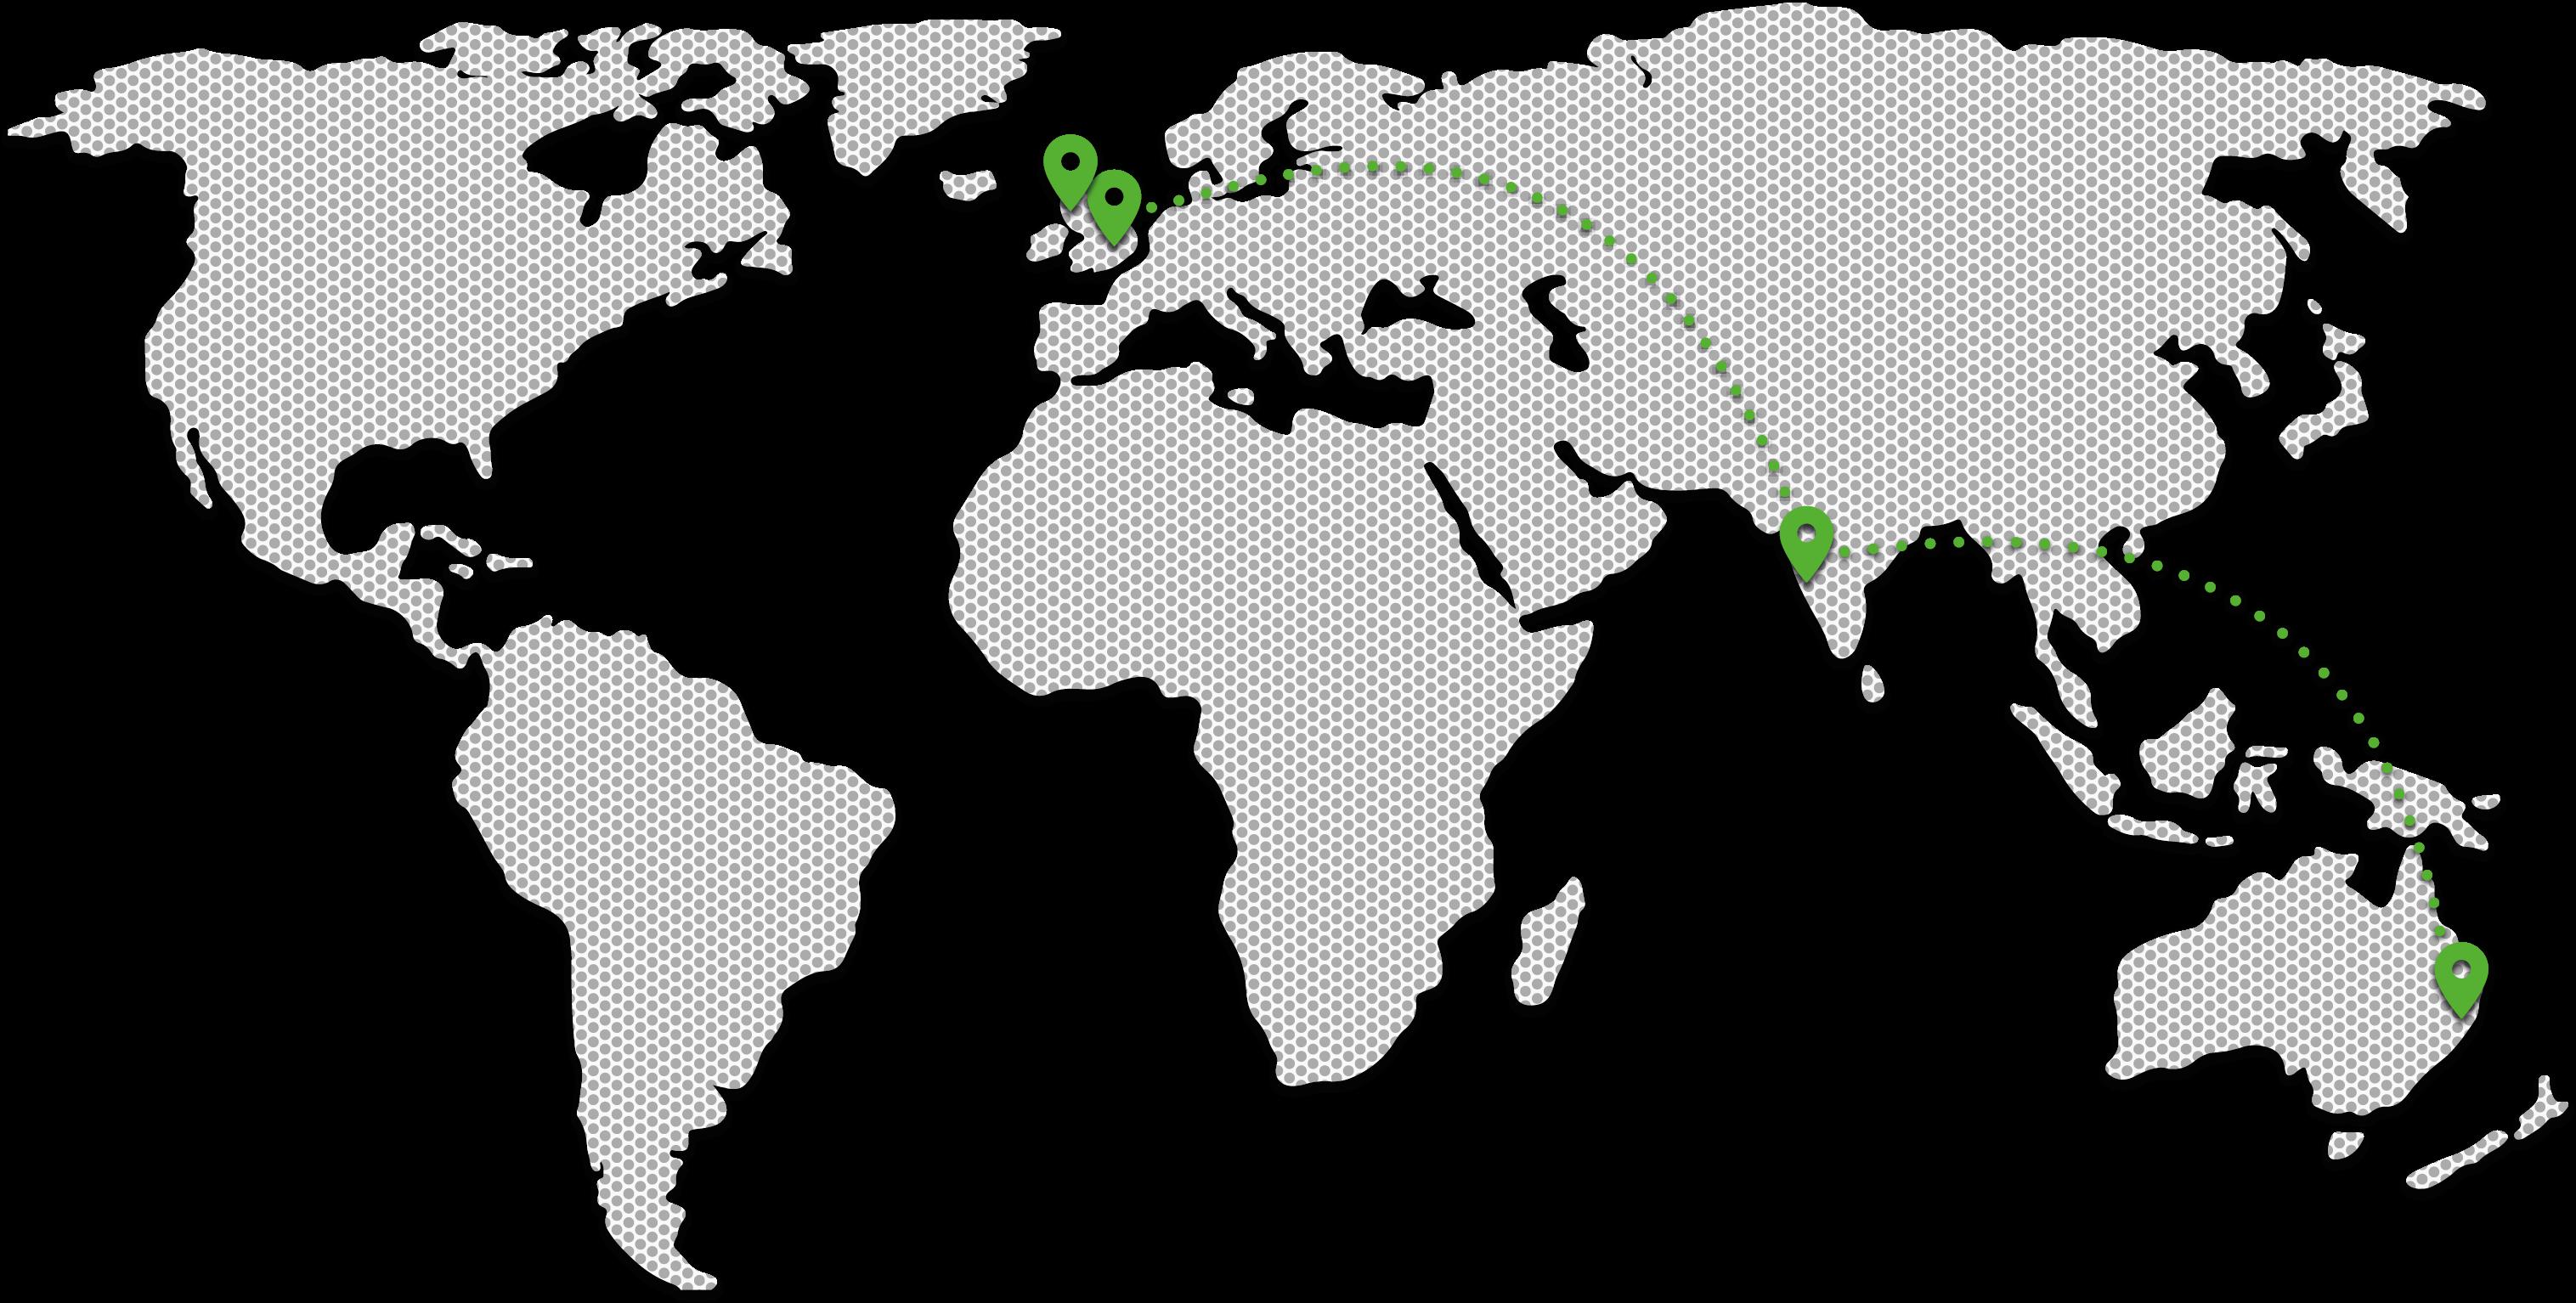 World_Map_Final